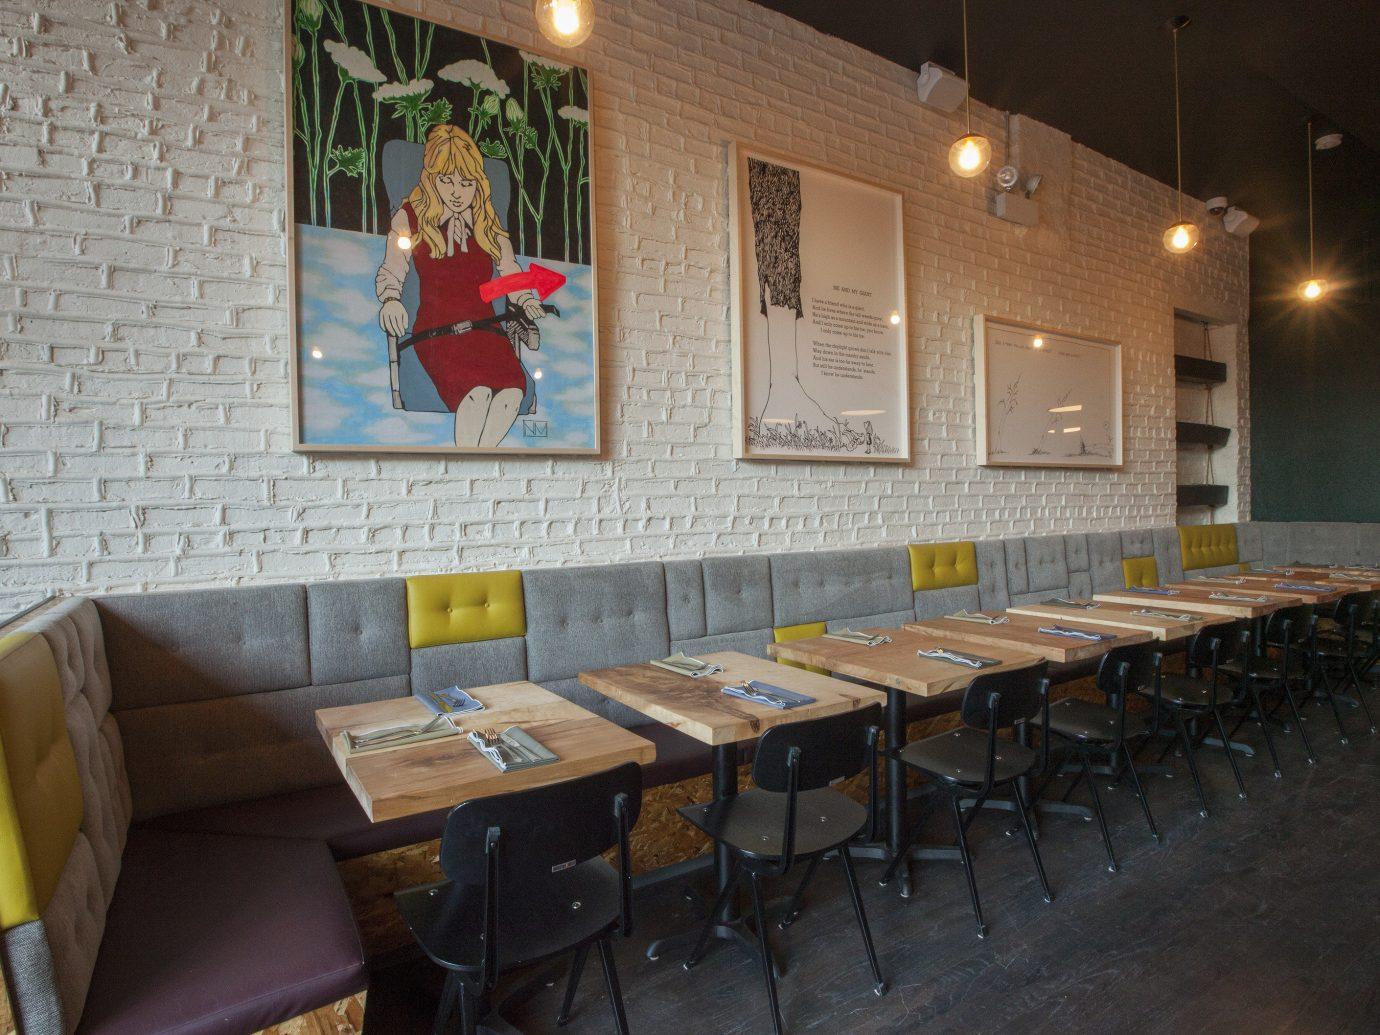 Food + Drink room restaurant interior design meal Bar several